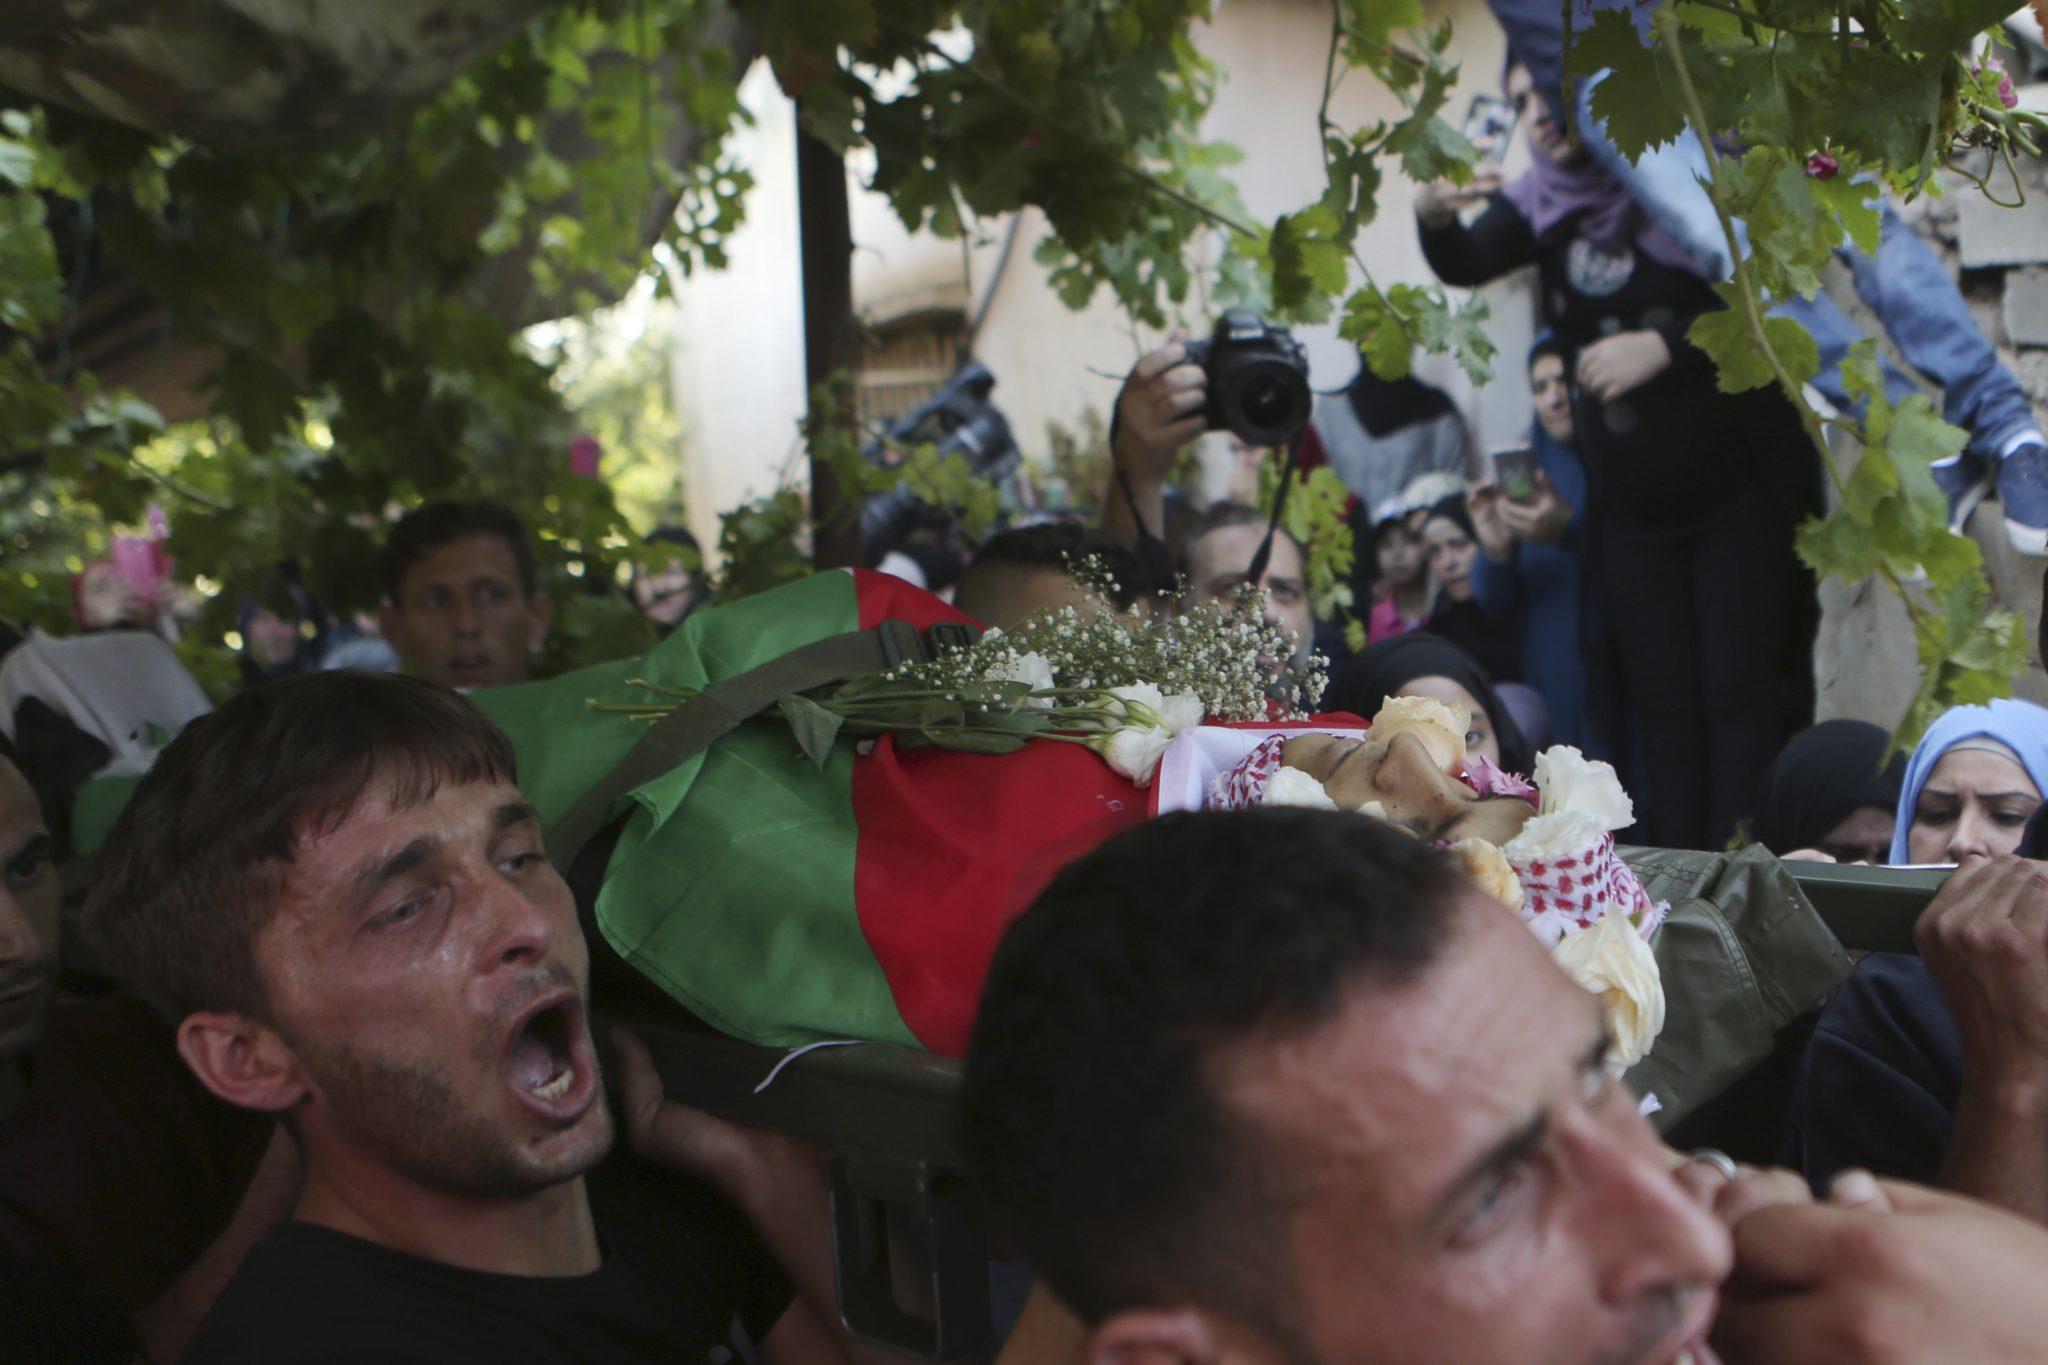 Palestyna: krewni i członkowie rodziny uczestniczą w pogrzebie 21-letniego Ezz El-Deen al-Tamimi w wiosce Nabi Saleh na Zachodnim Brzegu. Mężczyzna zginął w czasie walk Palestyńczyków z siłami izraelskimi, które toczą się od wielu tygodni, fot: Shadi Hatem, PAP/EPA